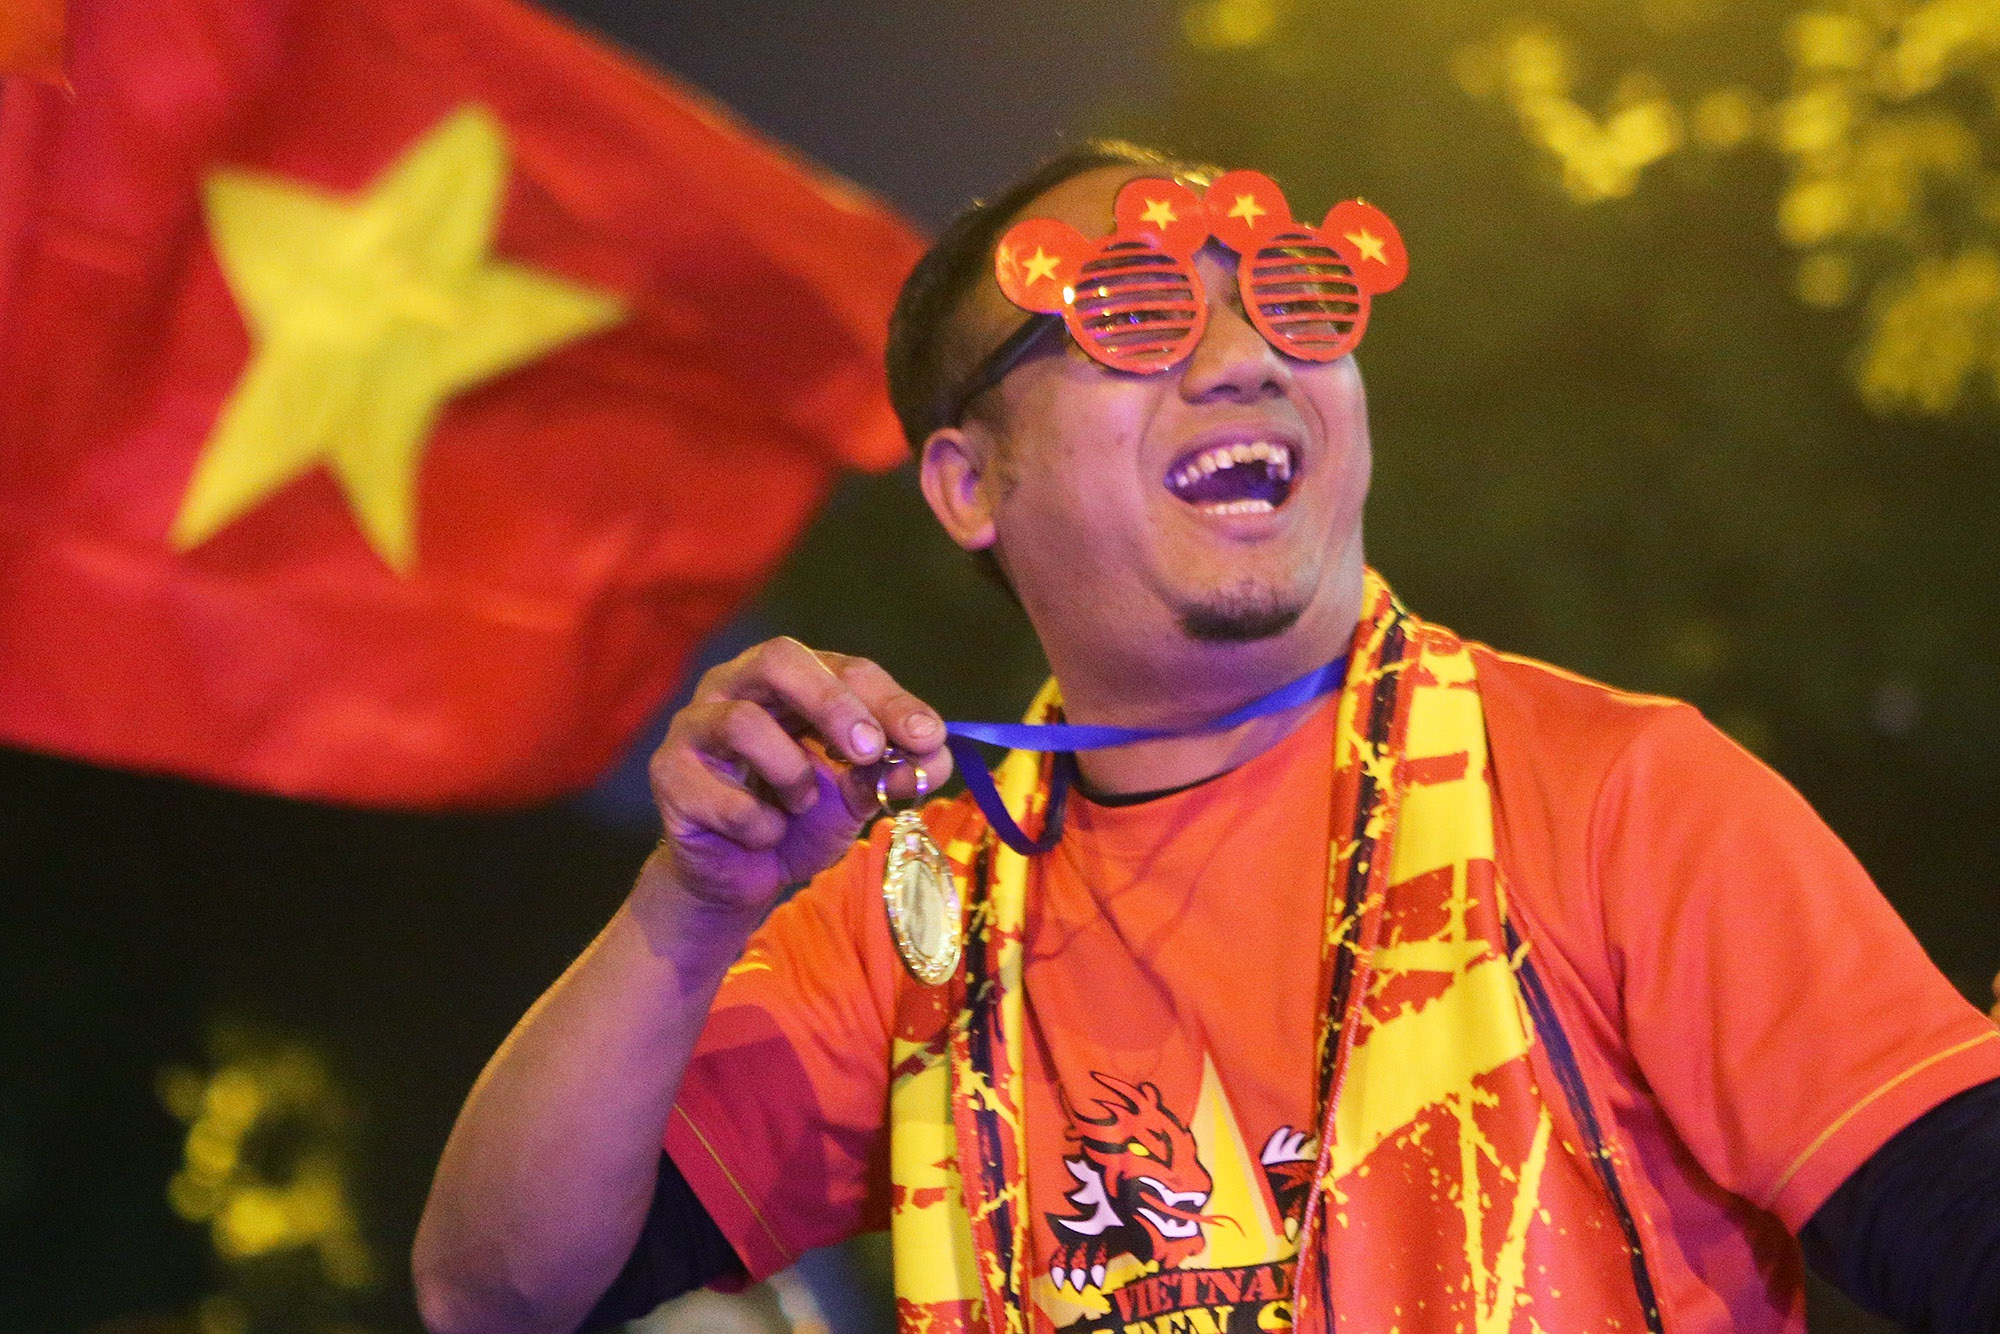 Hình ảnh ấn tượng biển người mừng chiến thắng giữa đêm khuya tại Hà Nội - 8